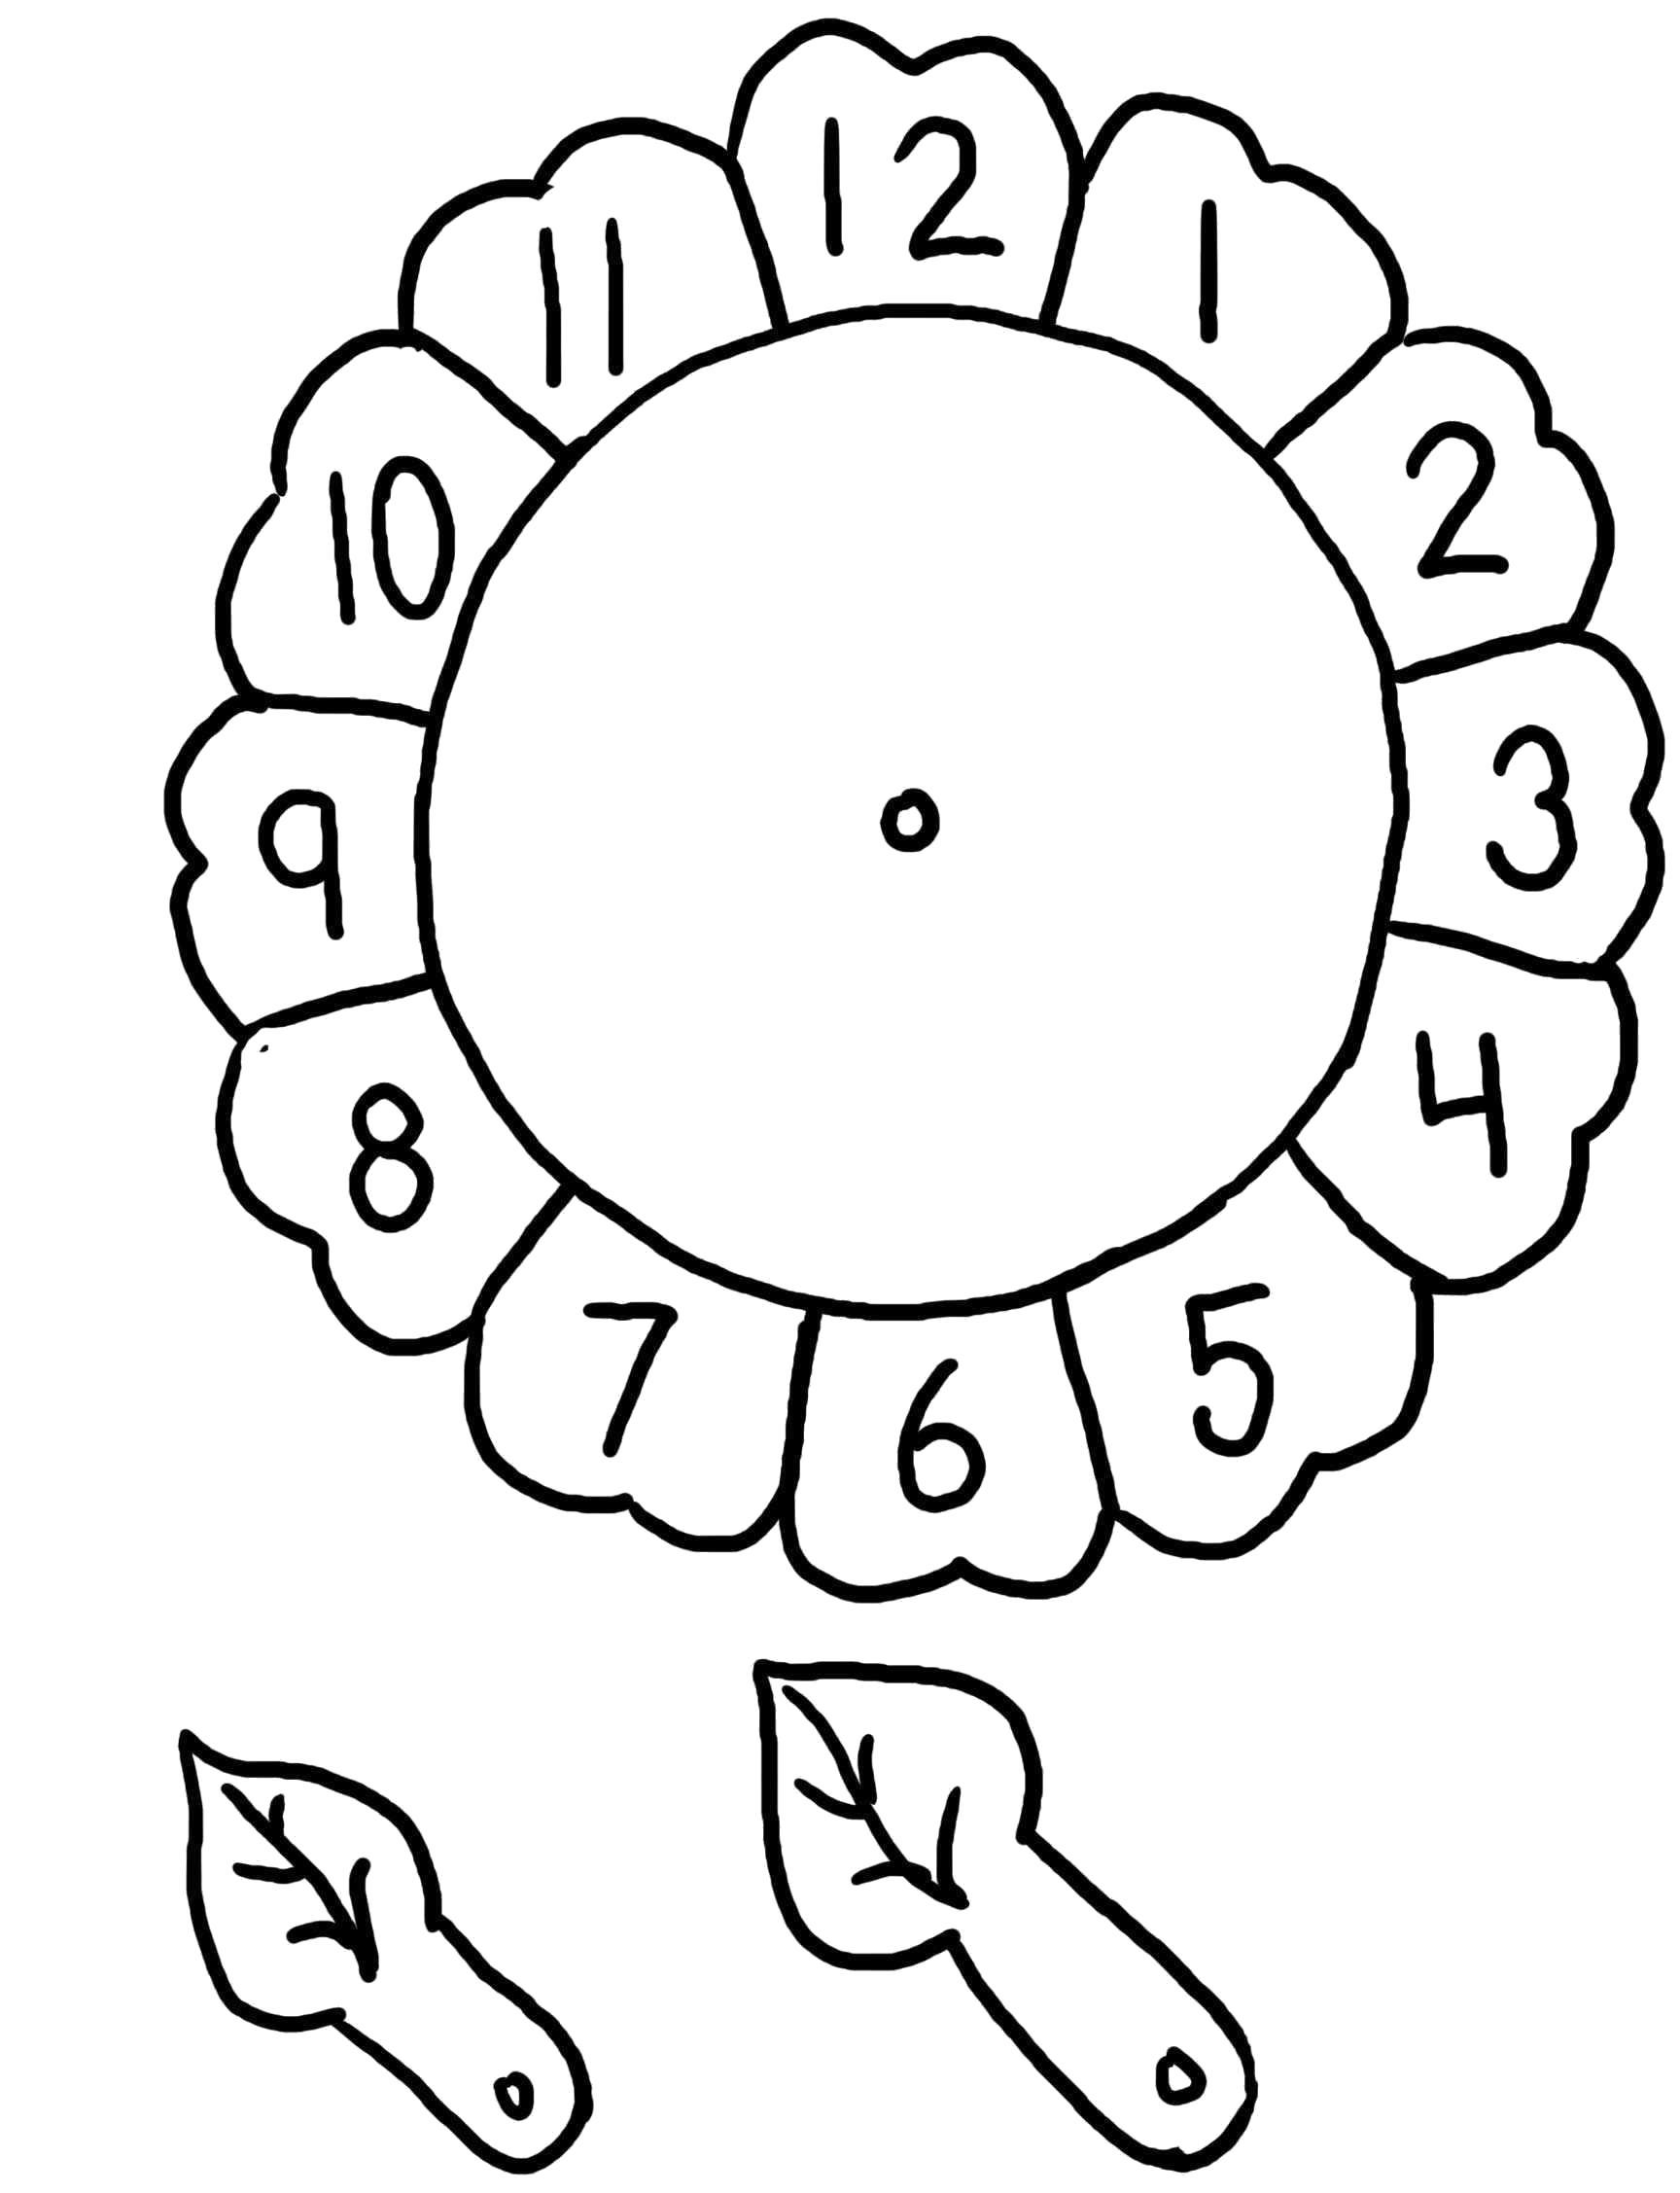 Раскраска Часы из тарелки - поделка своими руками. Поделка, трафарет для вырезания. Скачать Часы.  Распечатать Часы